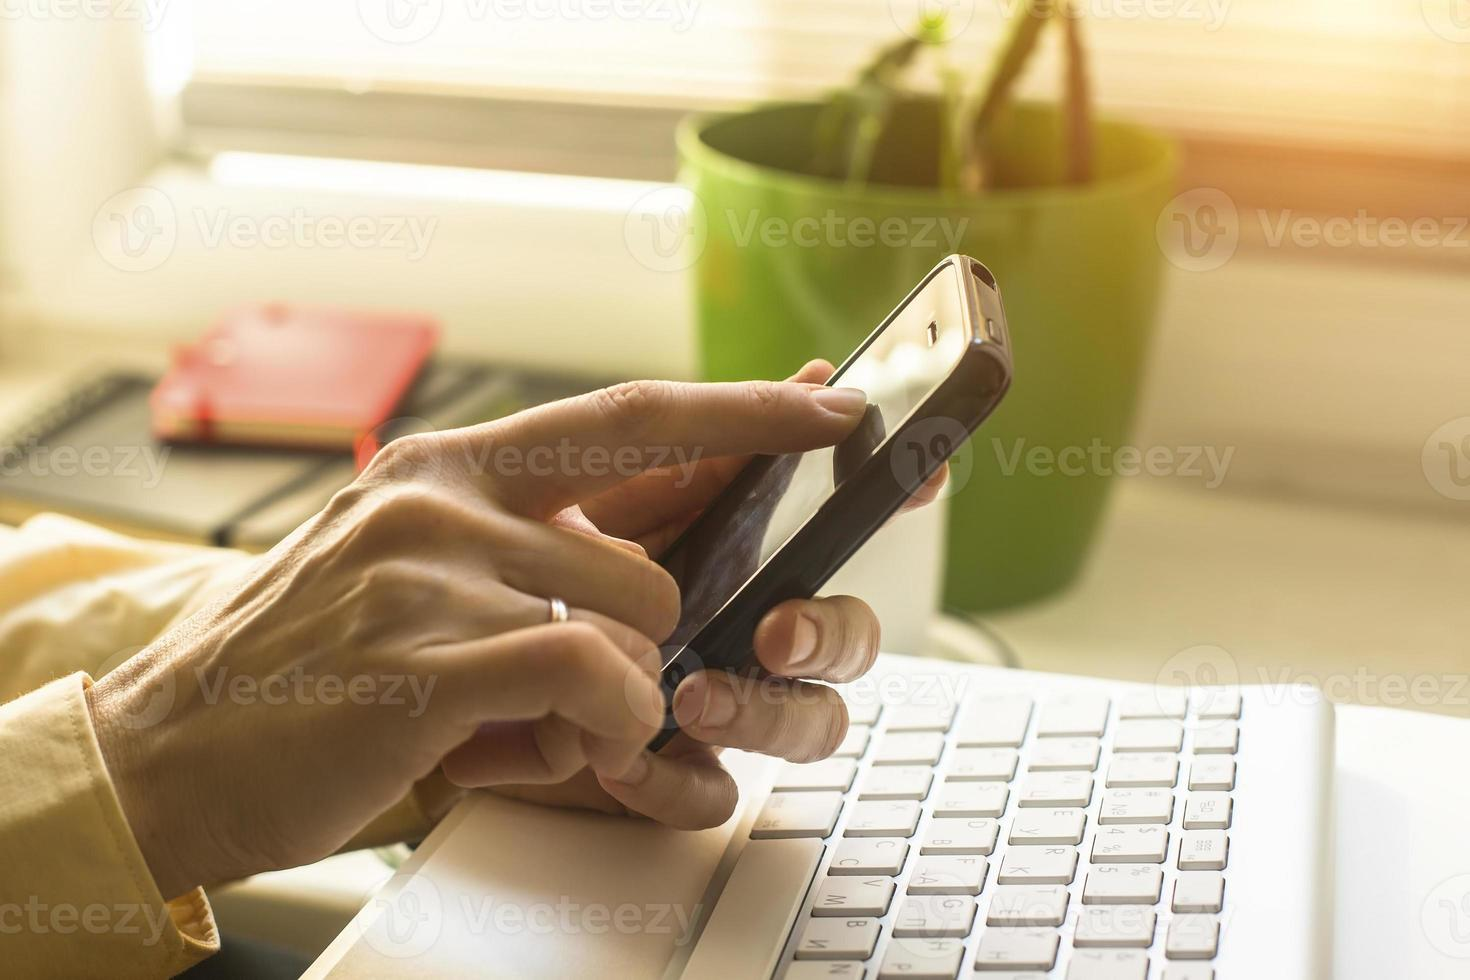 Mujer con teléfono móvil, teclado de computadora en el fondo. foto